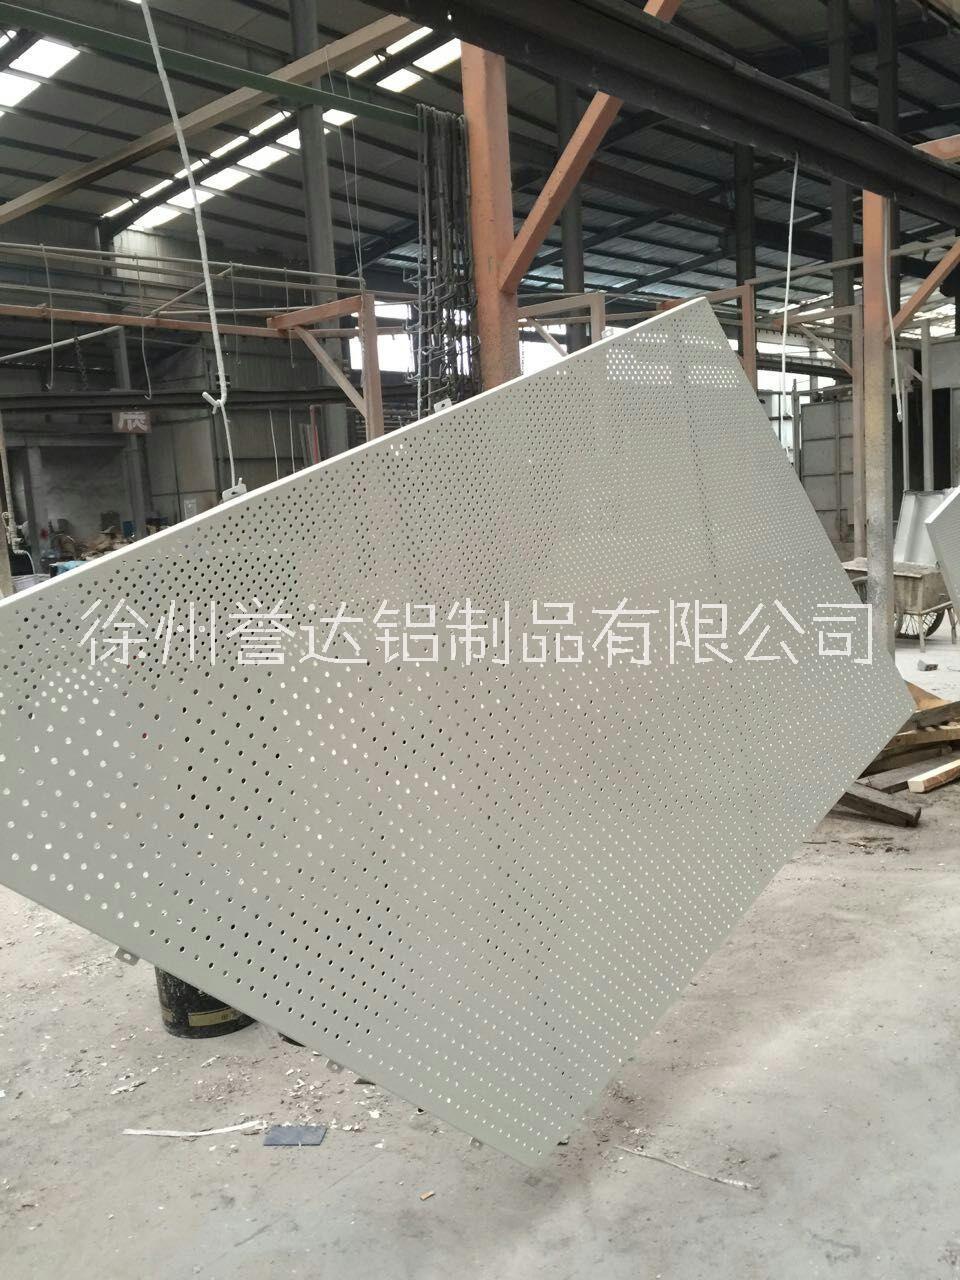 幕墙铝单板。冲孔铝板 铝扣板合金铝板加工定制